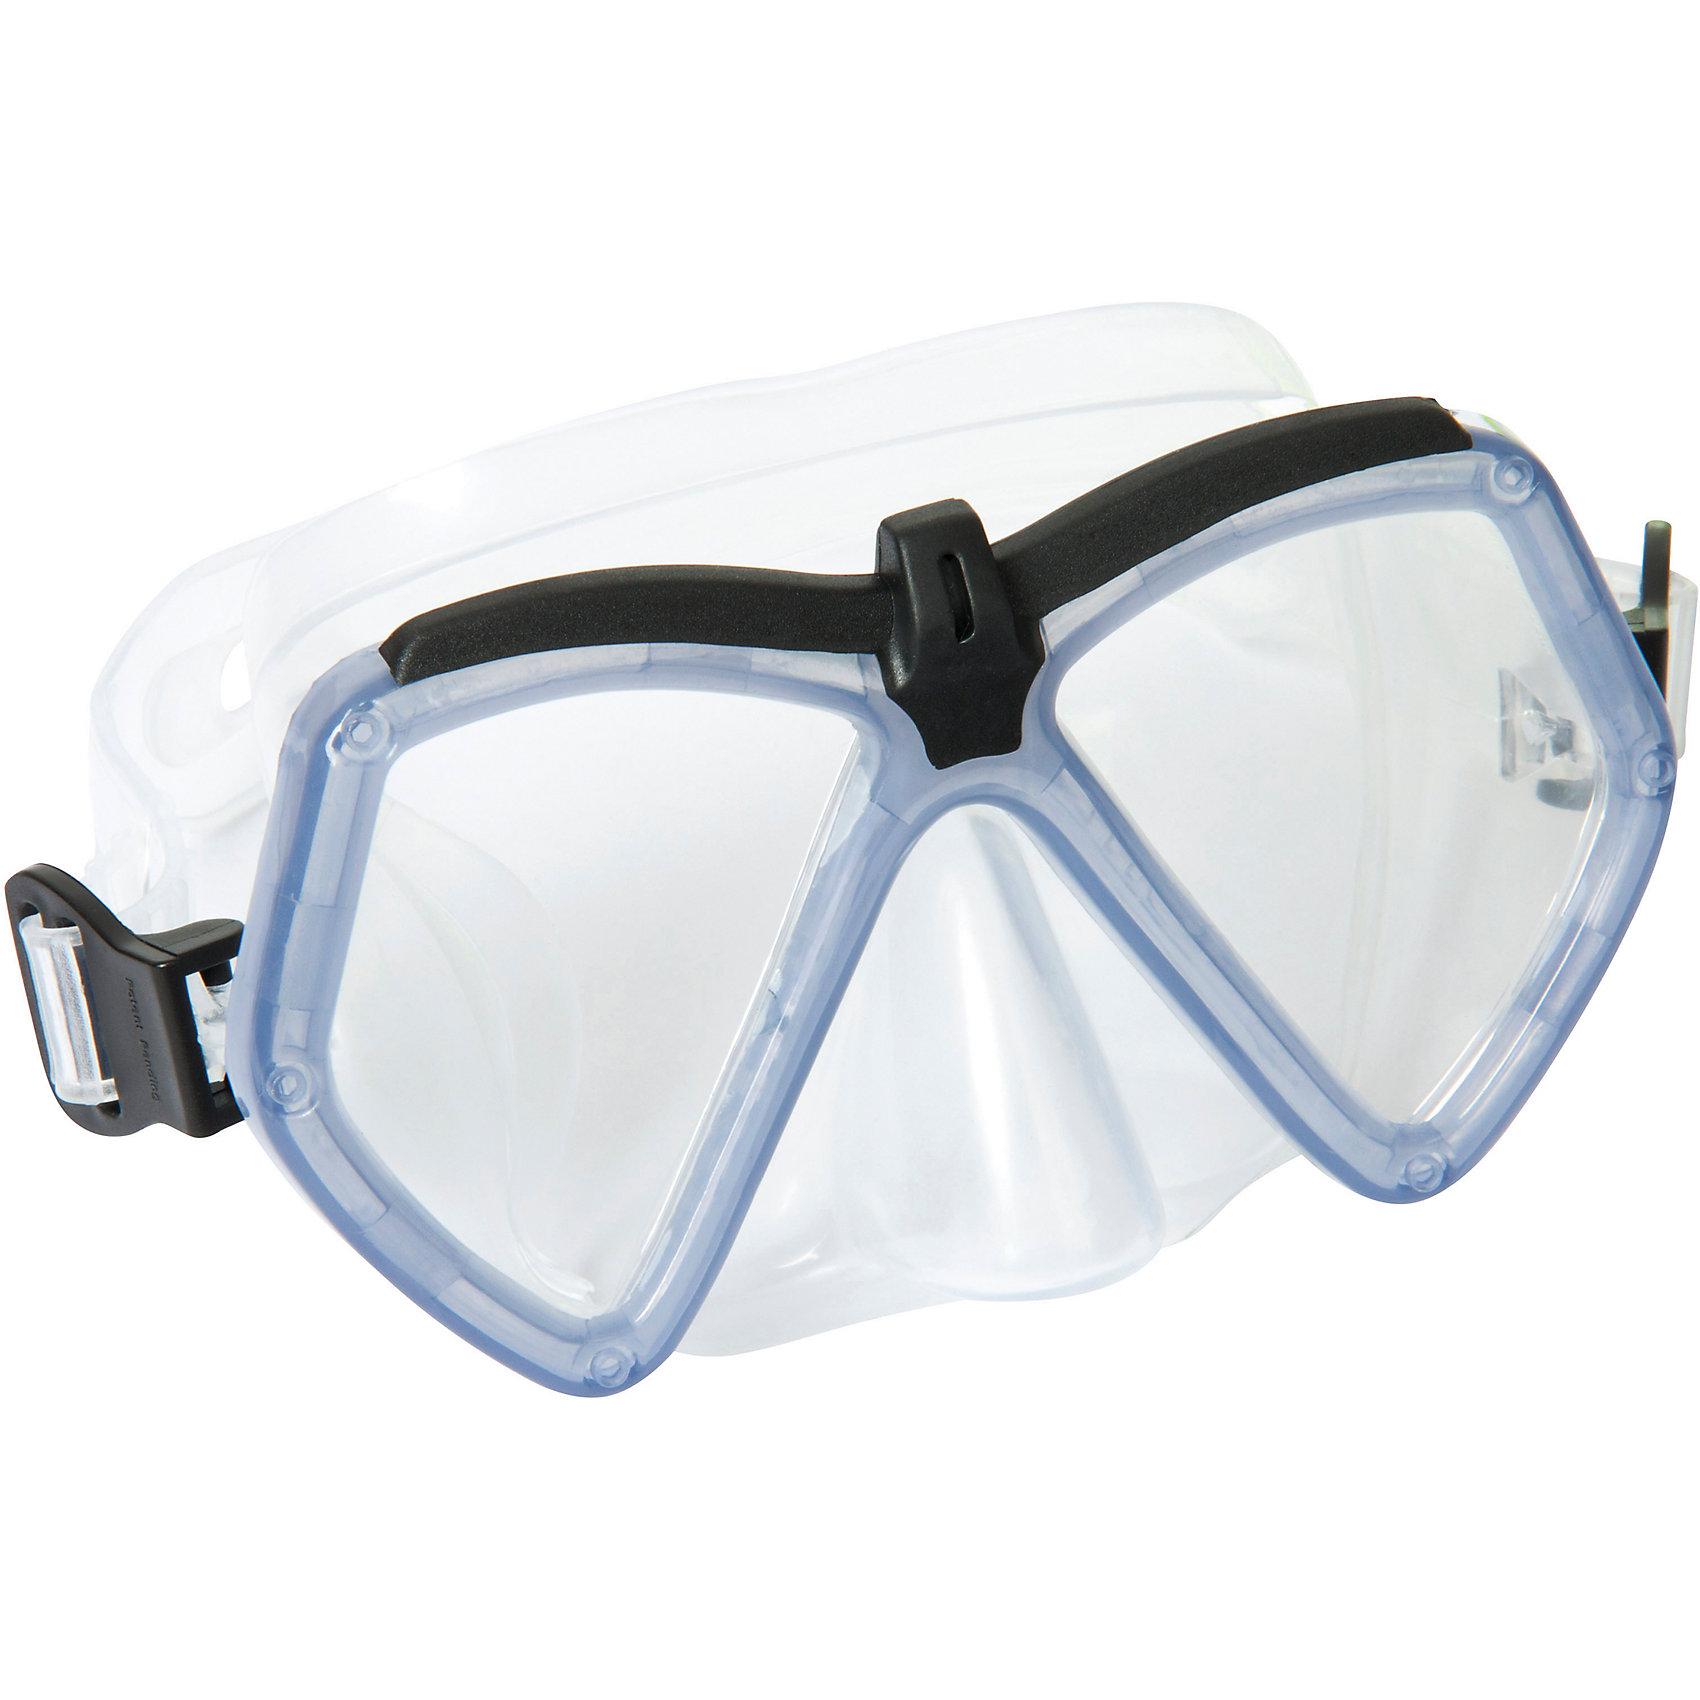 Детская маска для подводного плавания Море, Bestway, сераяОчки, маски, ласты, шапочки<br><br><br>Ширина мм: 216<br>Глубина мм: 175<br>Высота мм: 55<br>Вес г: 164<br>Возраст от месяцев: 72<br>Возраст до месяцев: 144<br>Пол: Унисекс<br>Возраст: Детский<br>SKU: 5613182